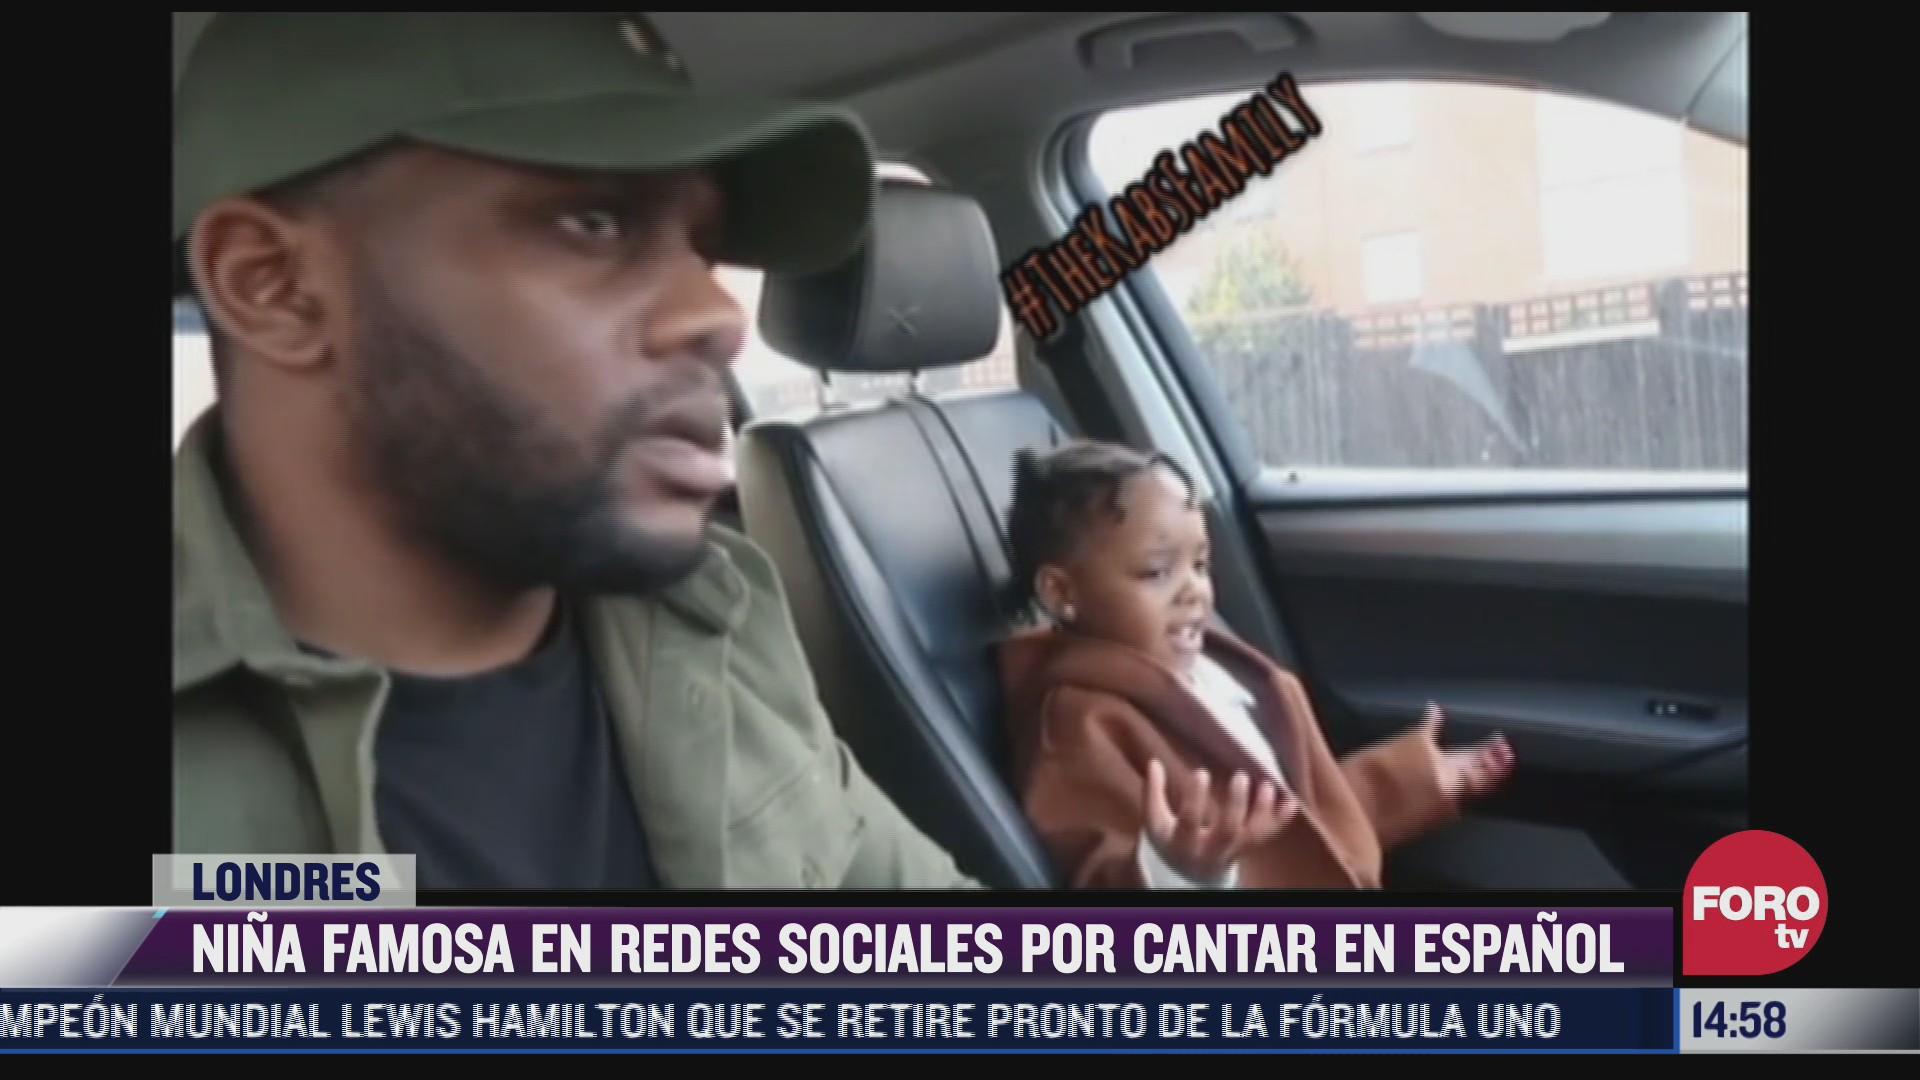 nina britanica se hace viral por cantar en espanol